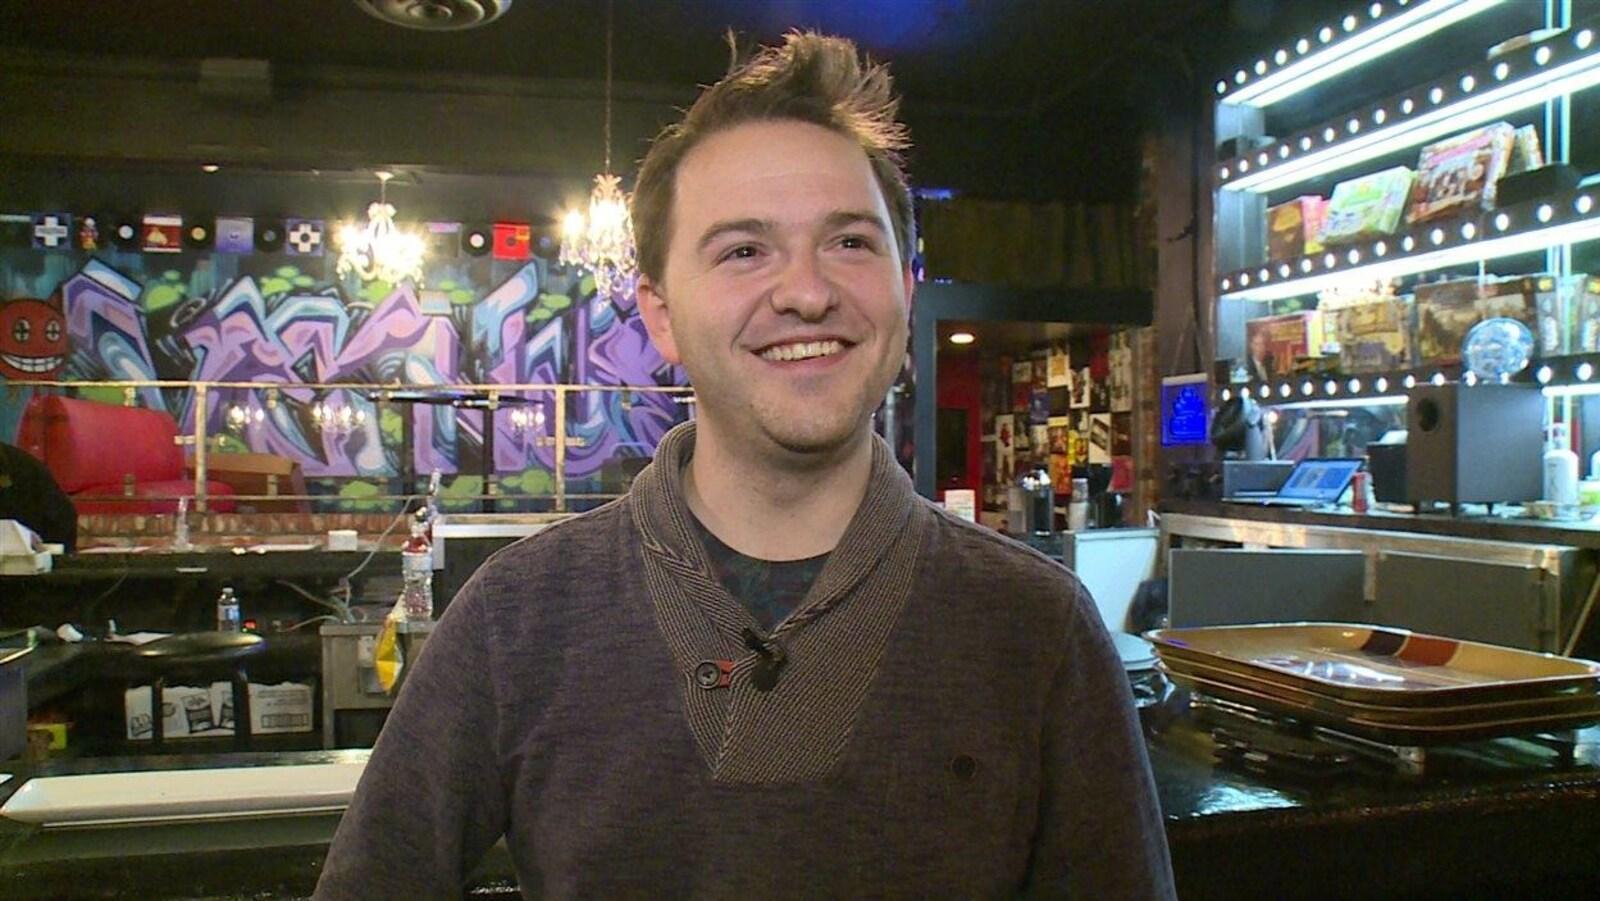 Portrait d'un homme souriant dans un bar